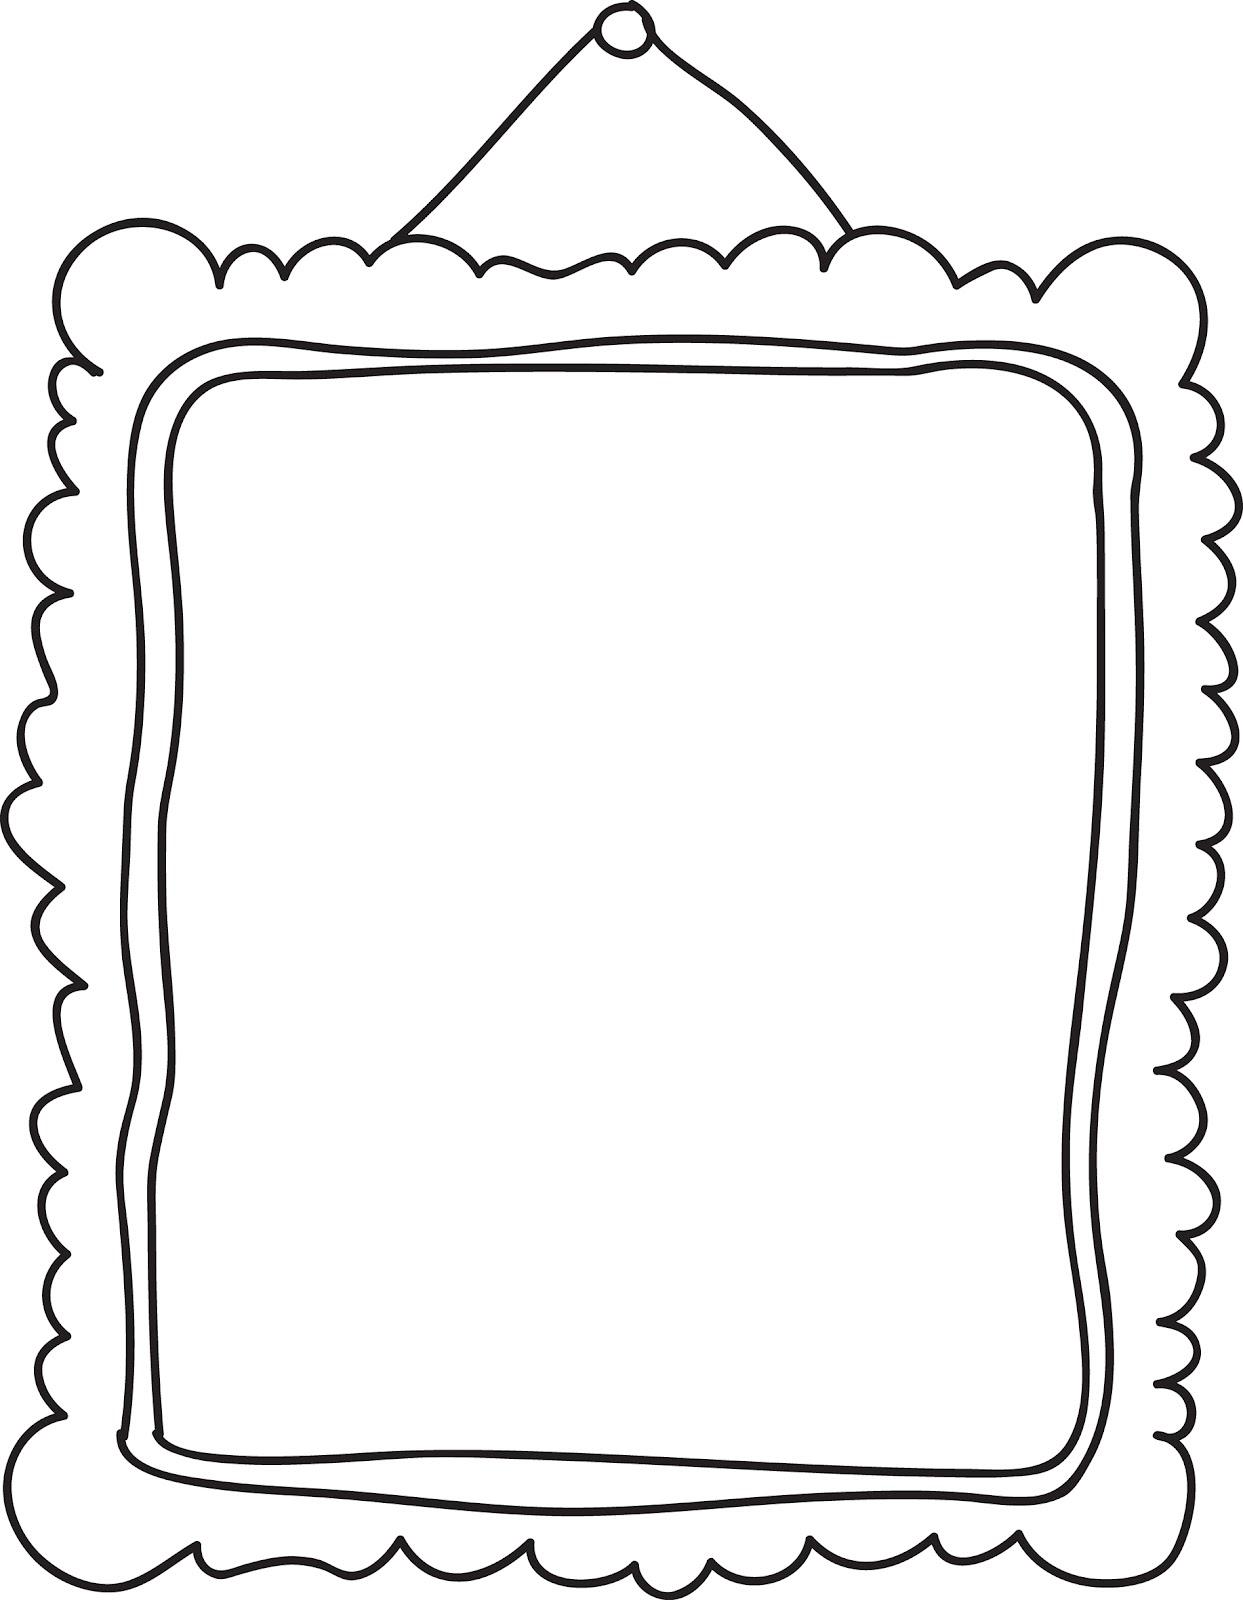 frame clipart